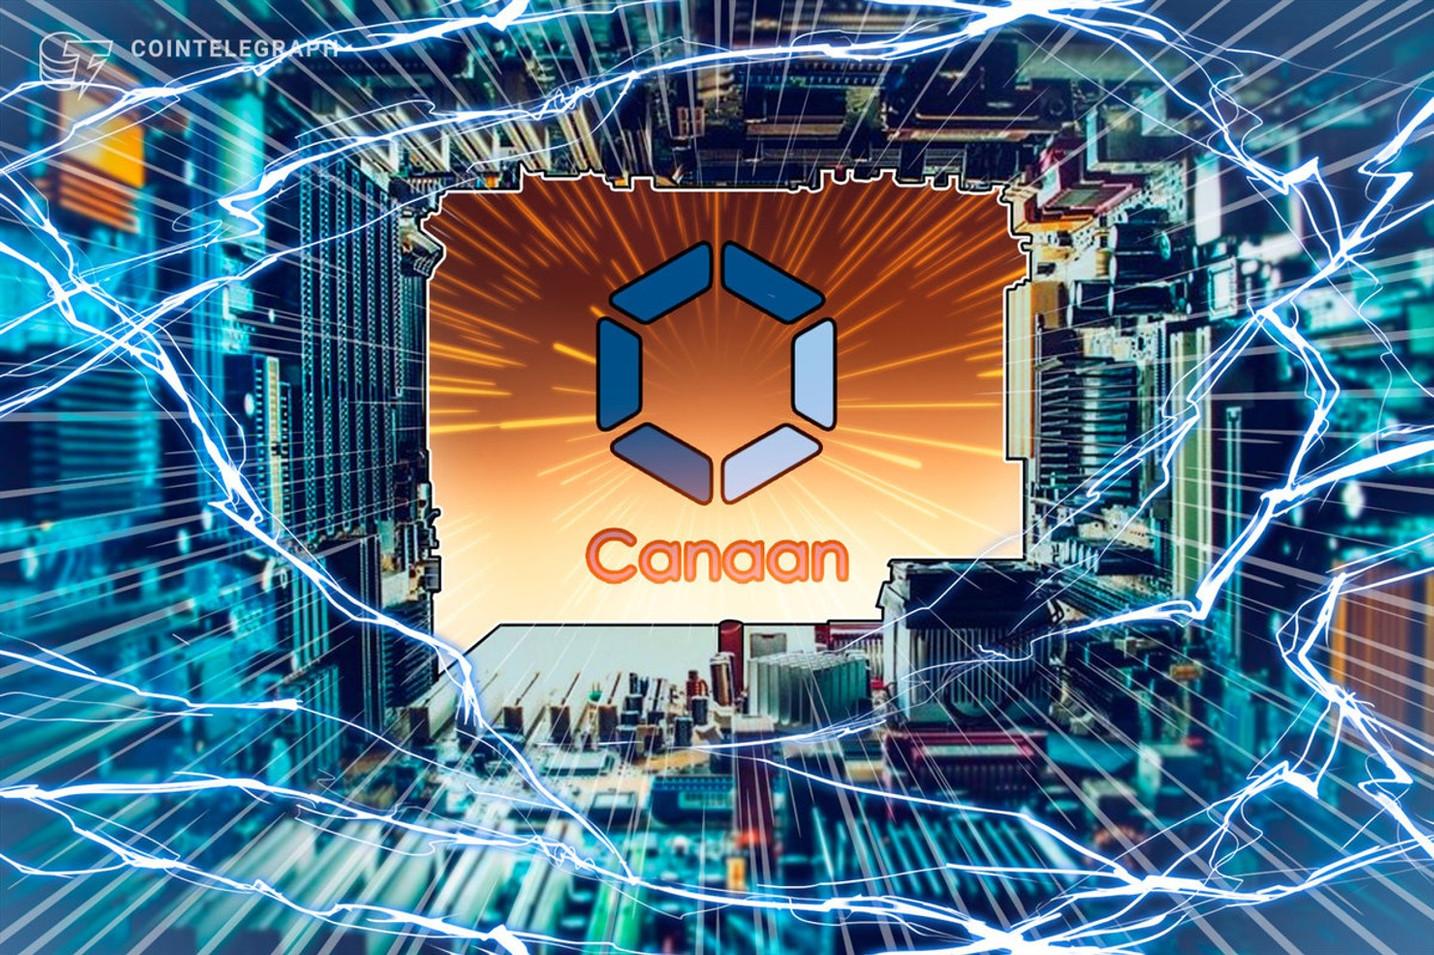 【速報】中国の仮想通貨マイニング大手カナン、ナスダックにIPO申請